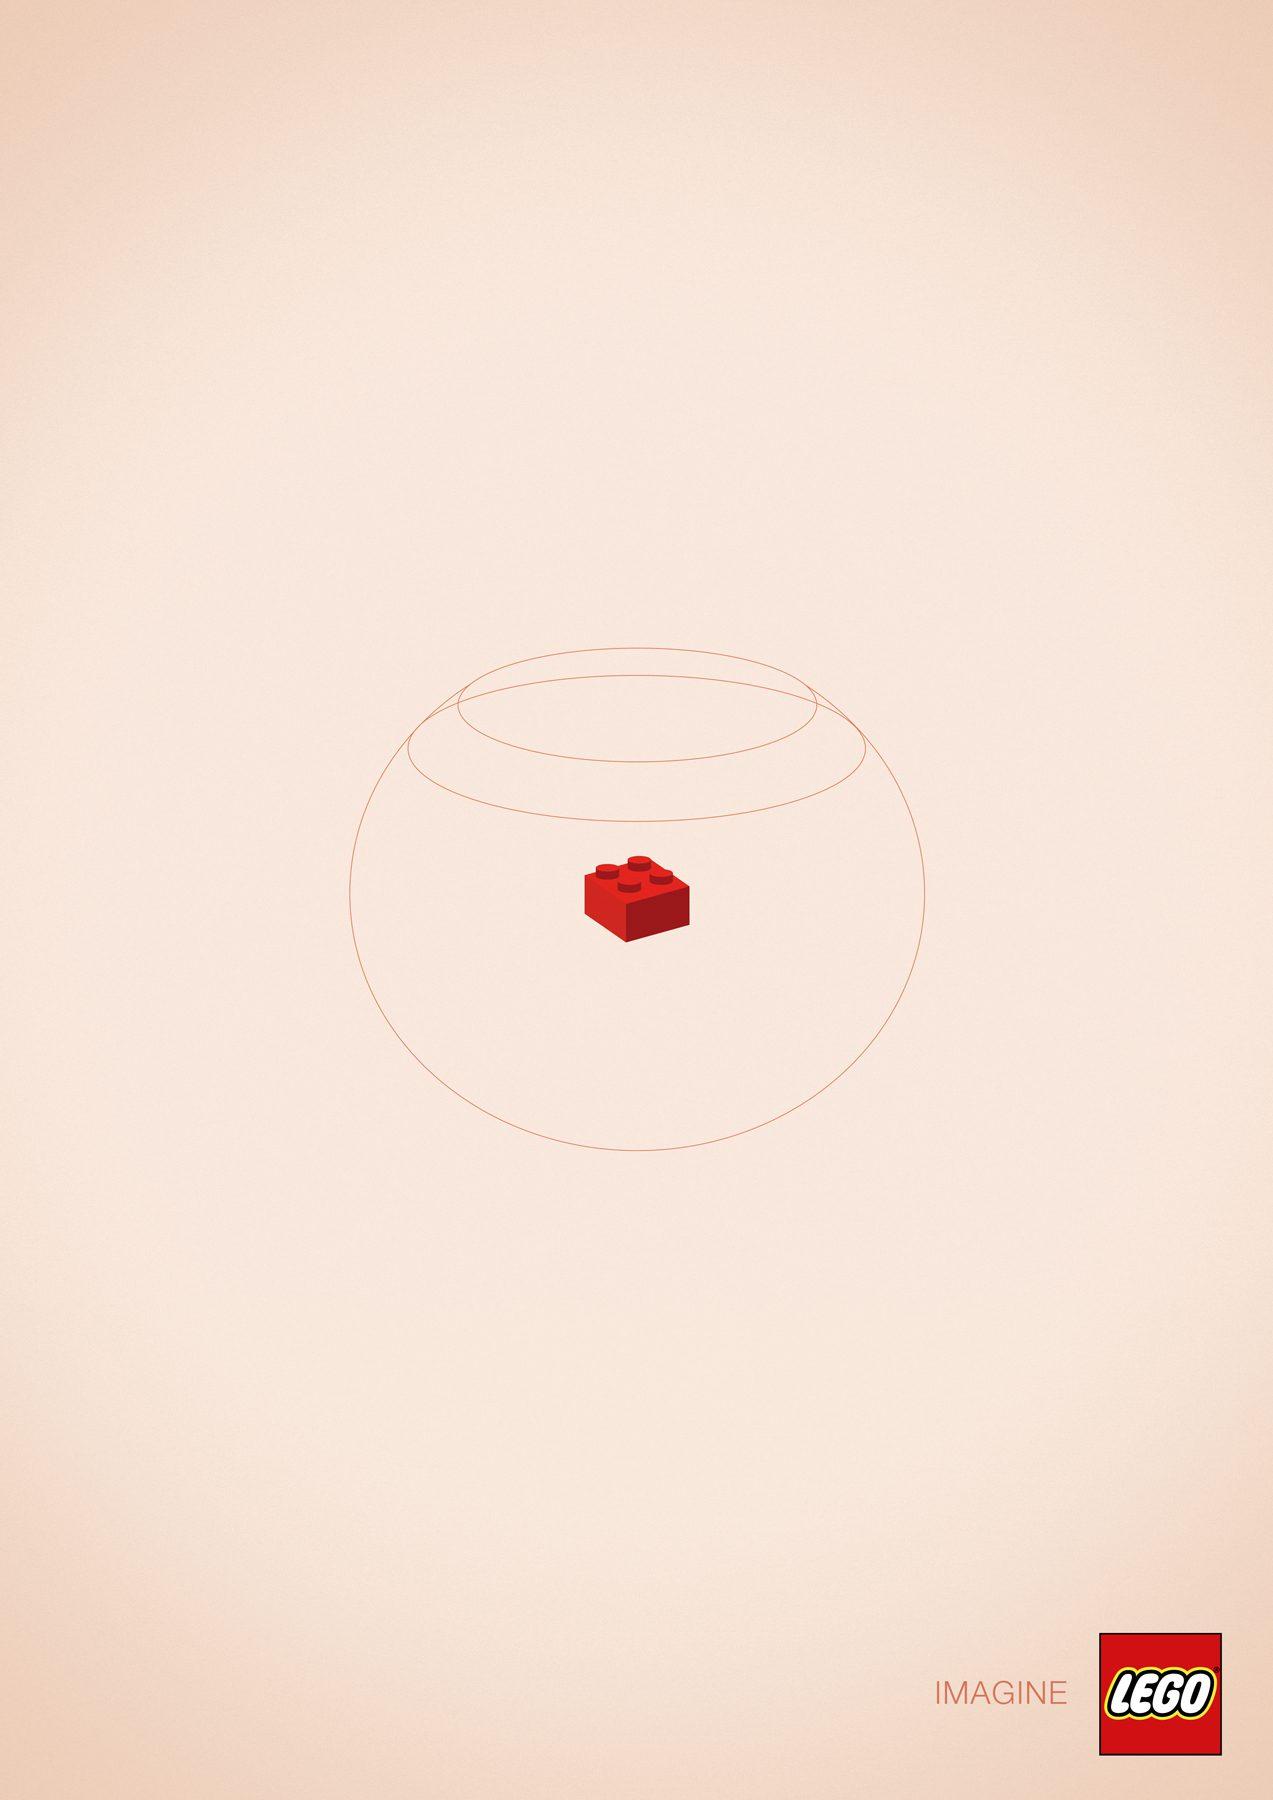 A goldfish - Lego Imagine